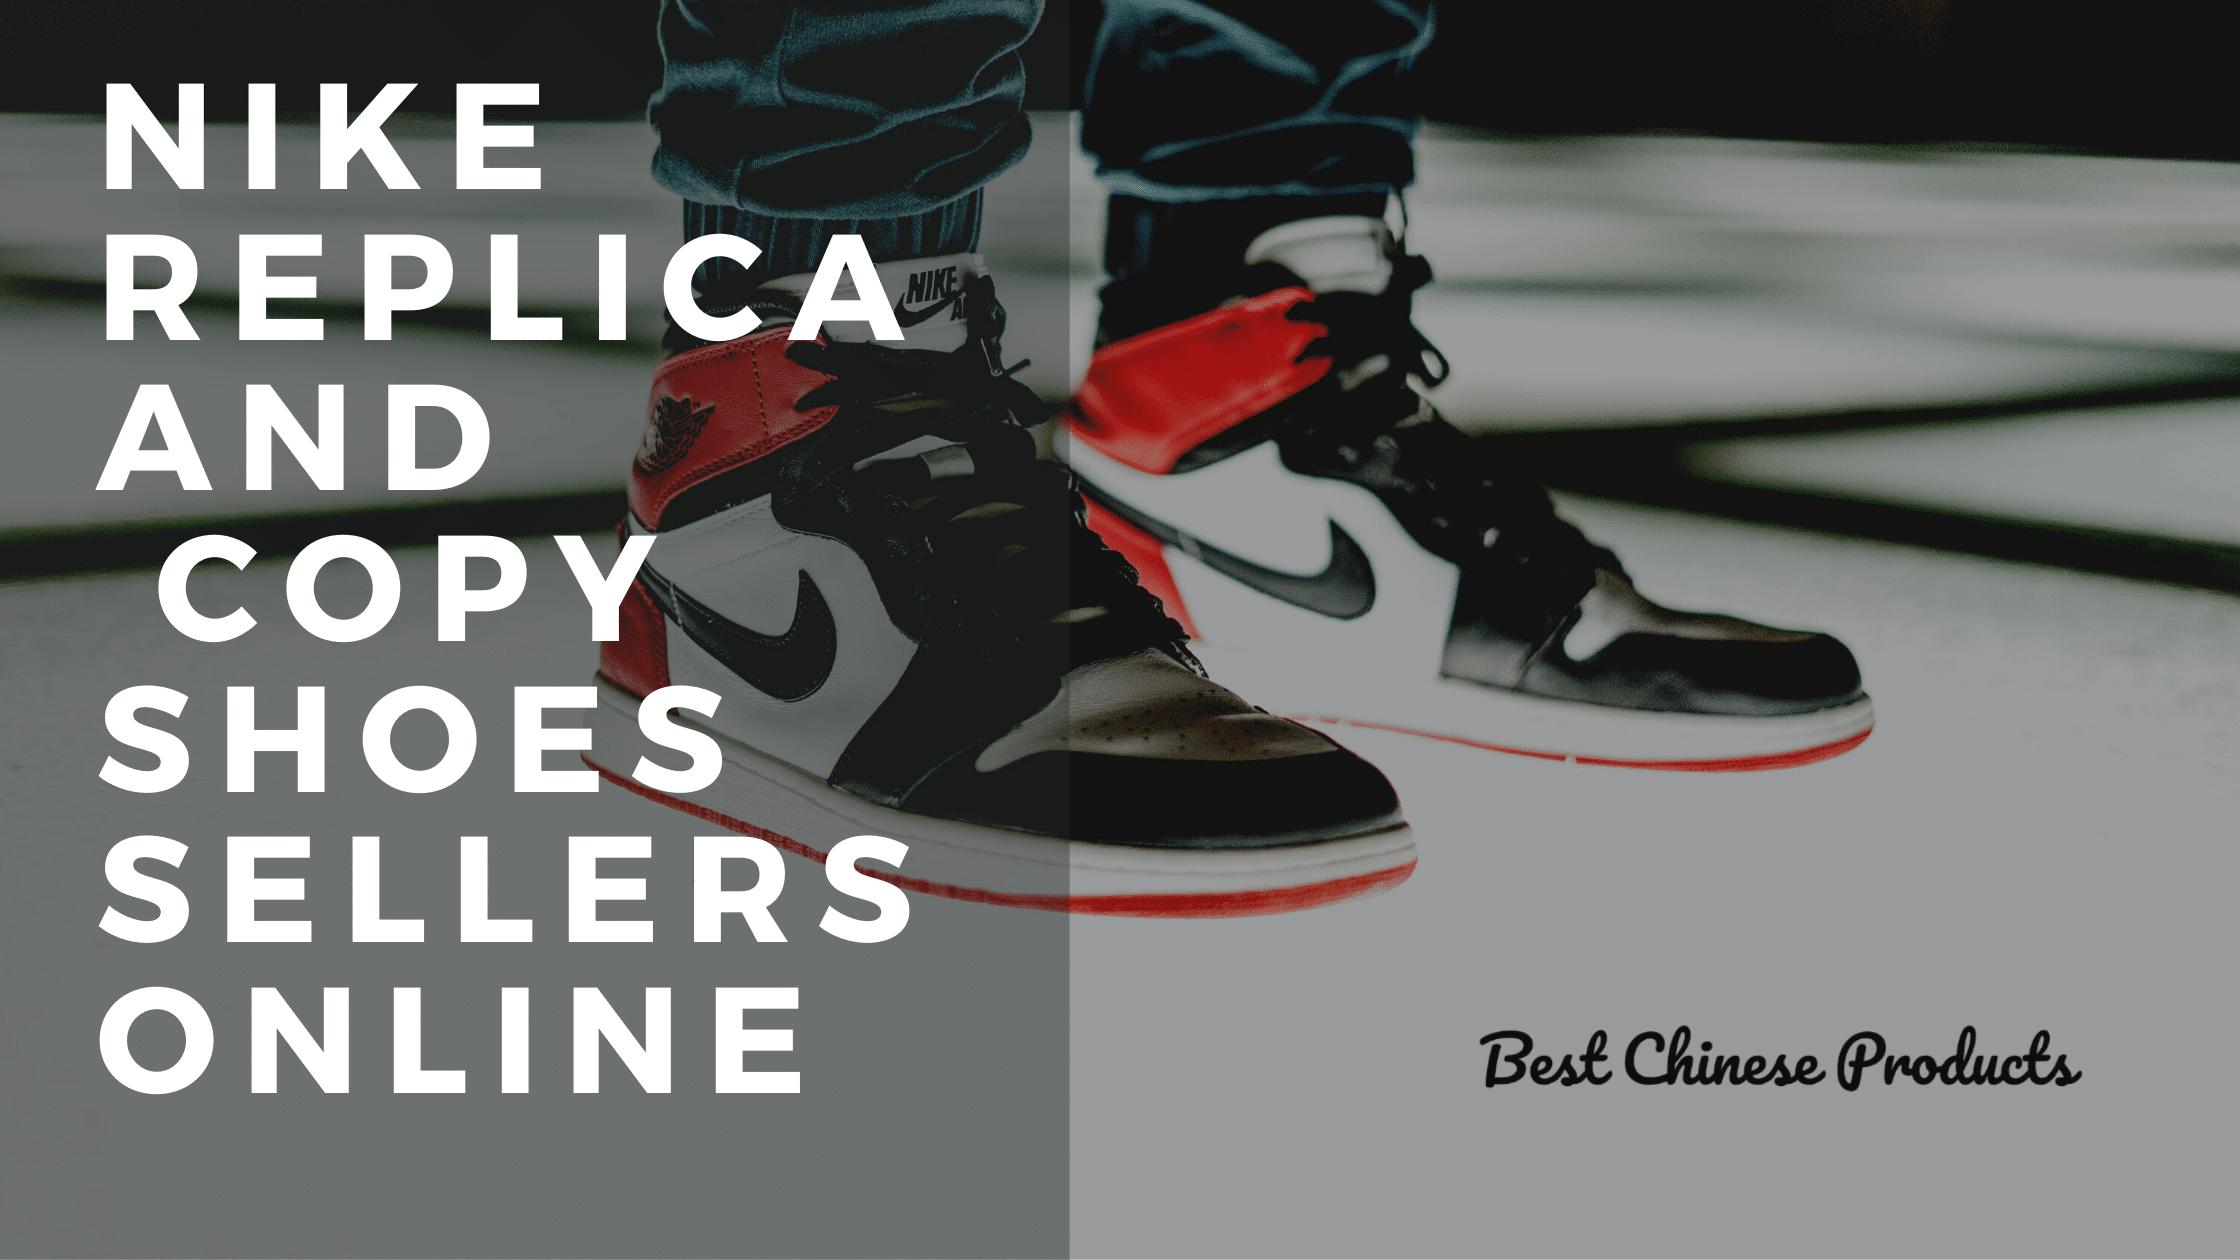 Barcelona vóleibol Personas mayores  TOP 20 Réplica y copia de zapatos Nike Vendedores en línea (Ene 2021 - Se  añaden nuevos vendedores) | Revisión de los mejores productos chinos